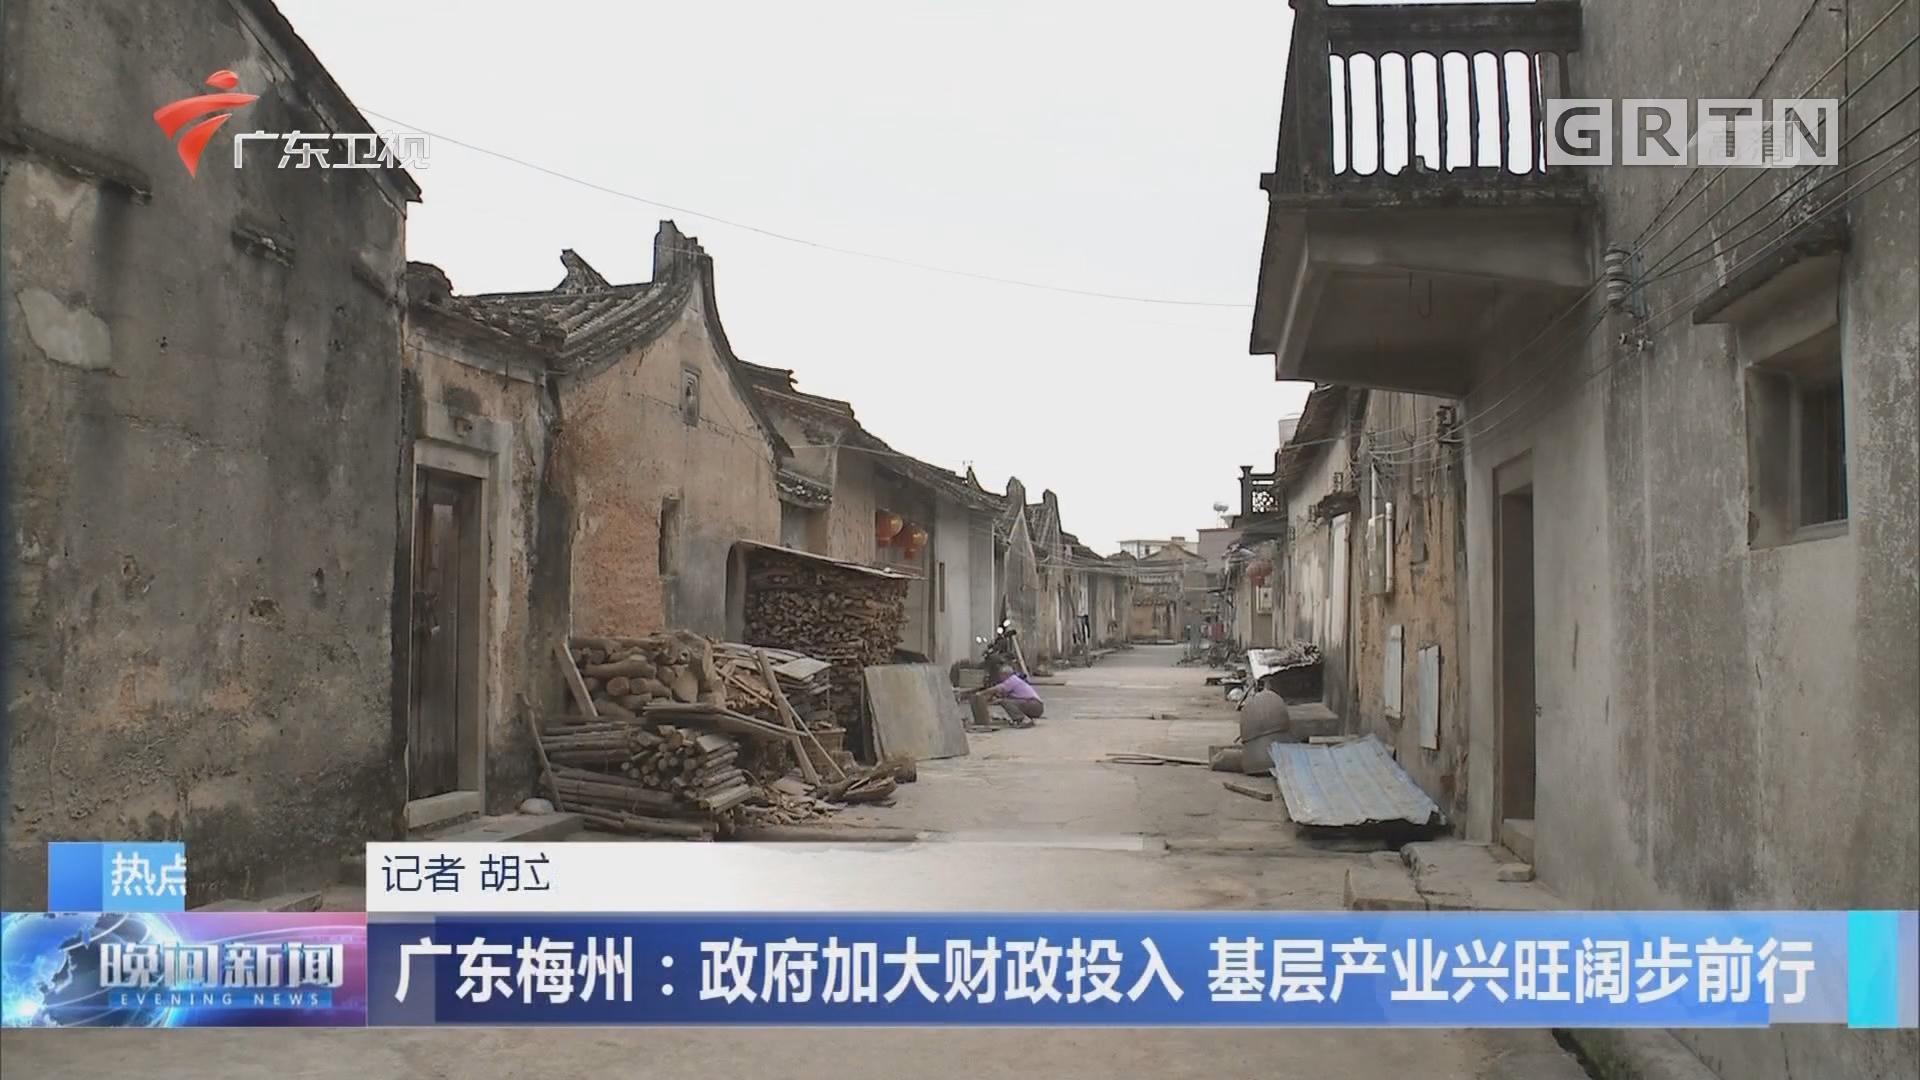 广东梅州:政府加大财政投入 基层产业兴旺阔步前行